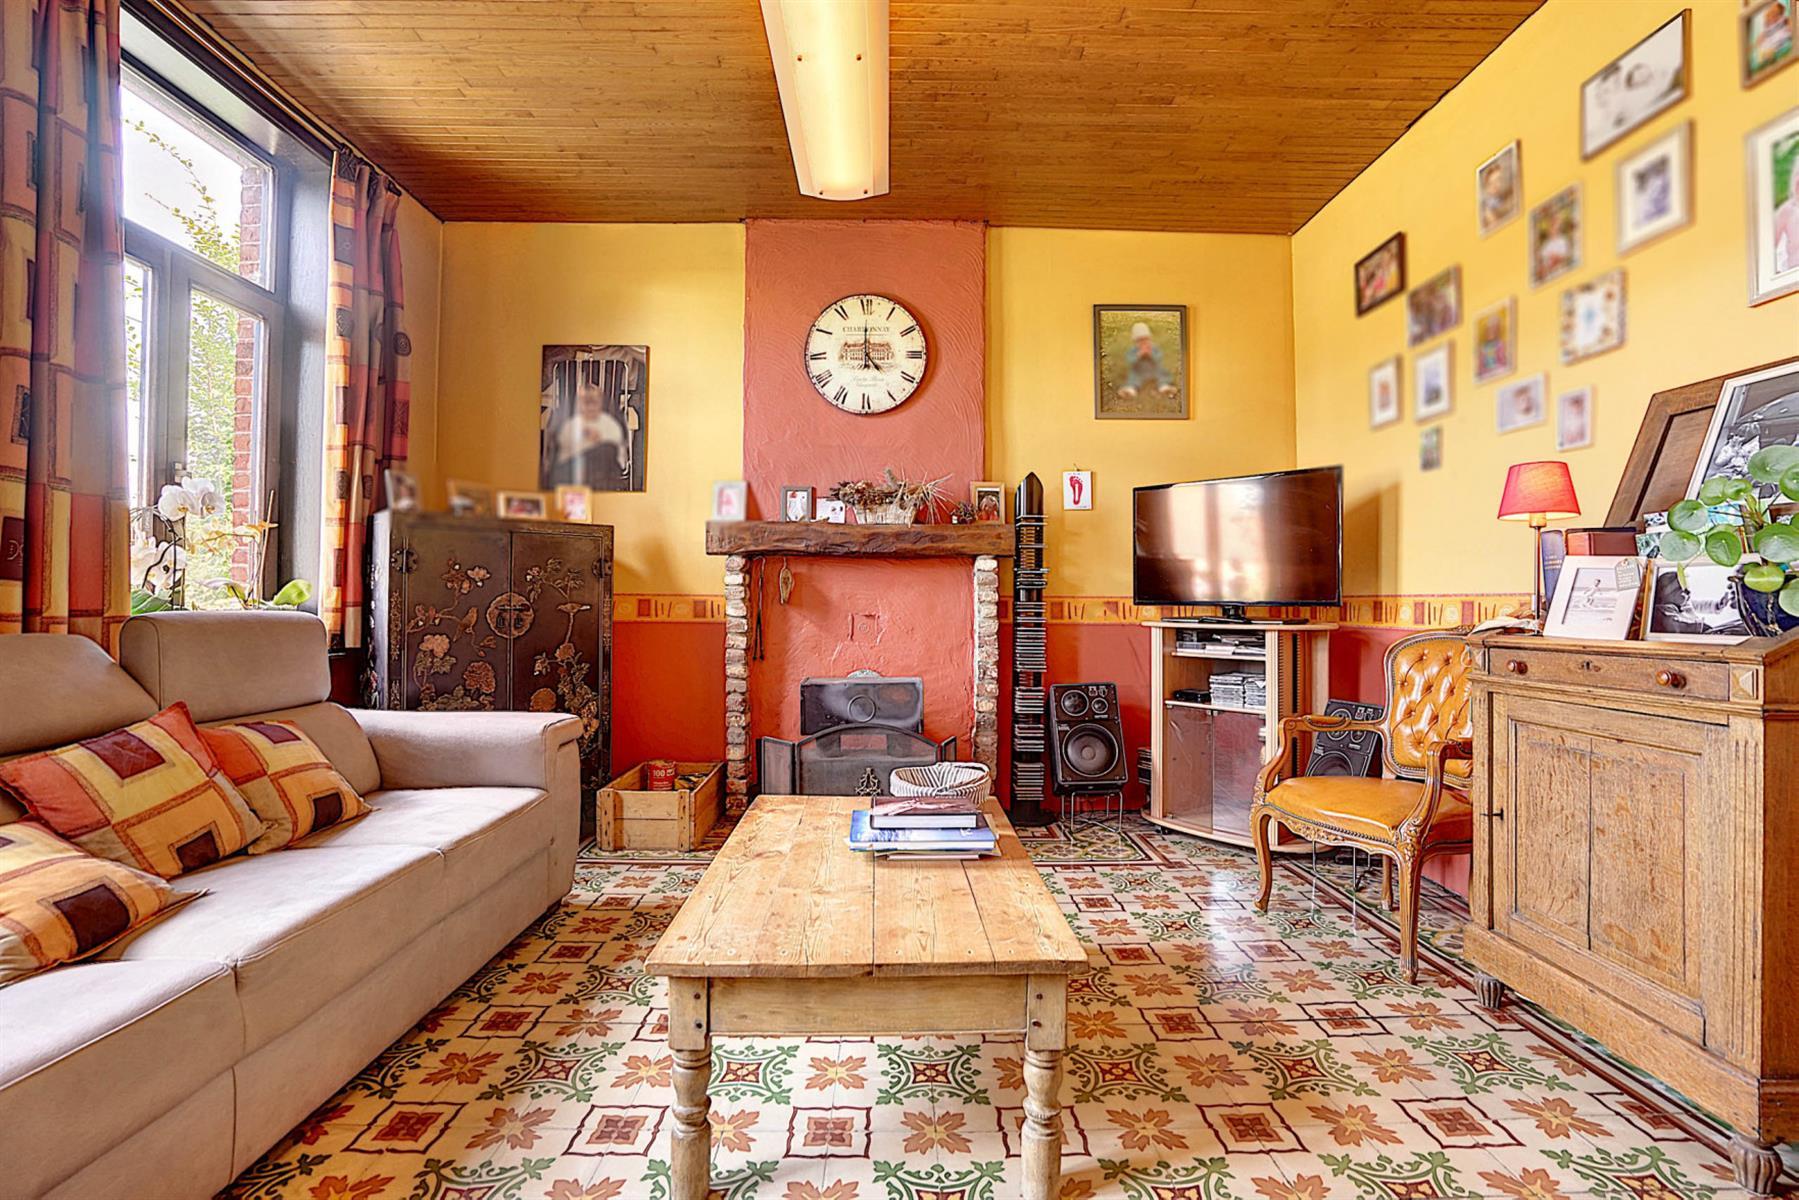 Maison - Nil-saint-vincent-saint-martin - #4437434-5